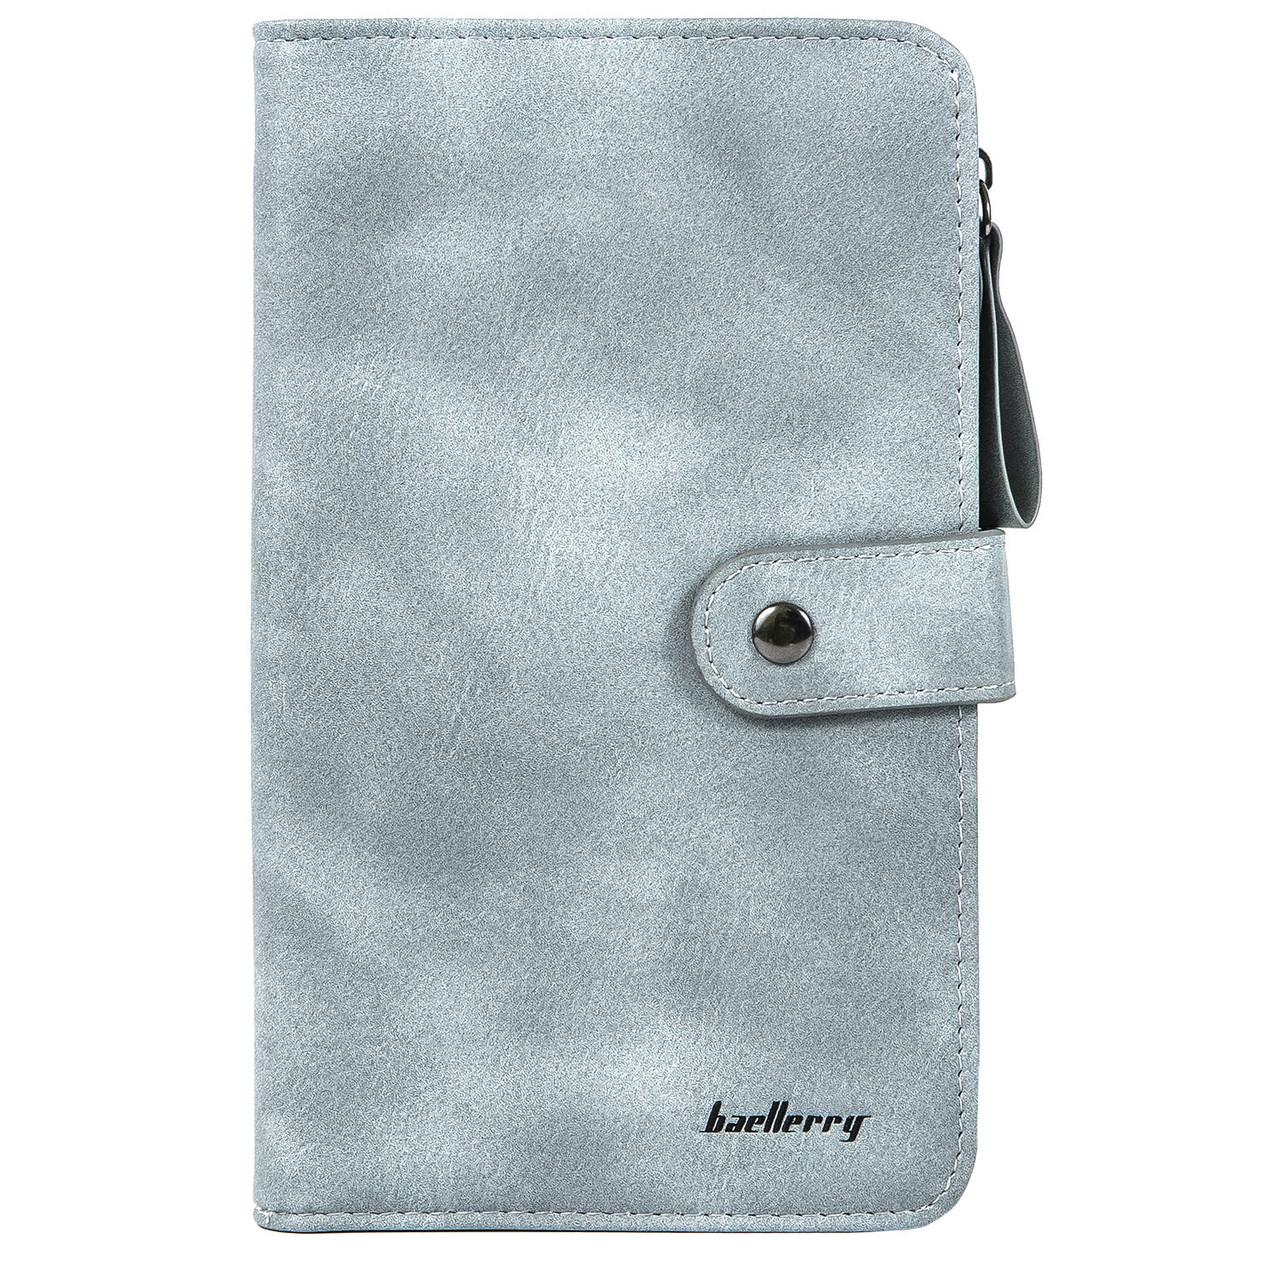 Кошелек, портмоне женский Baellerry JC224 серый